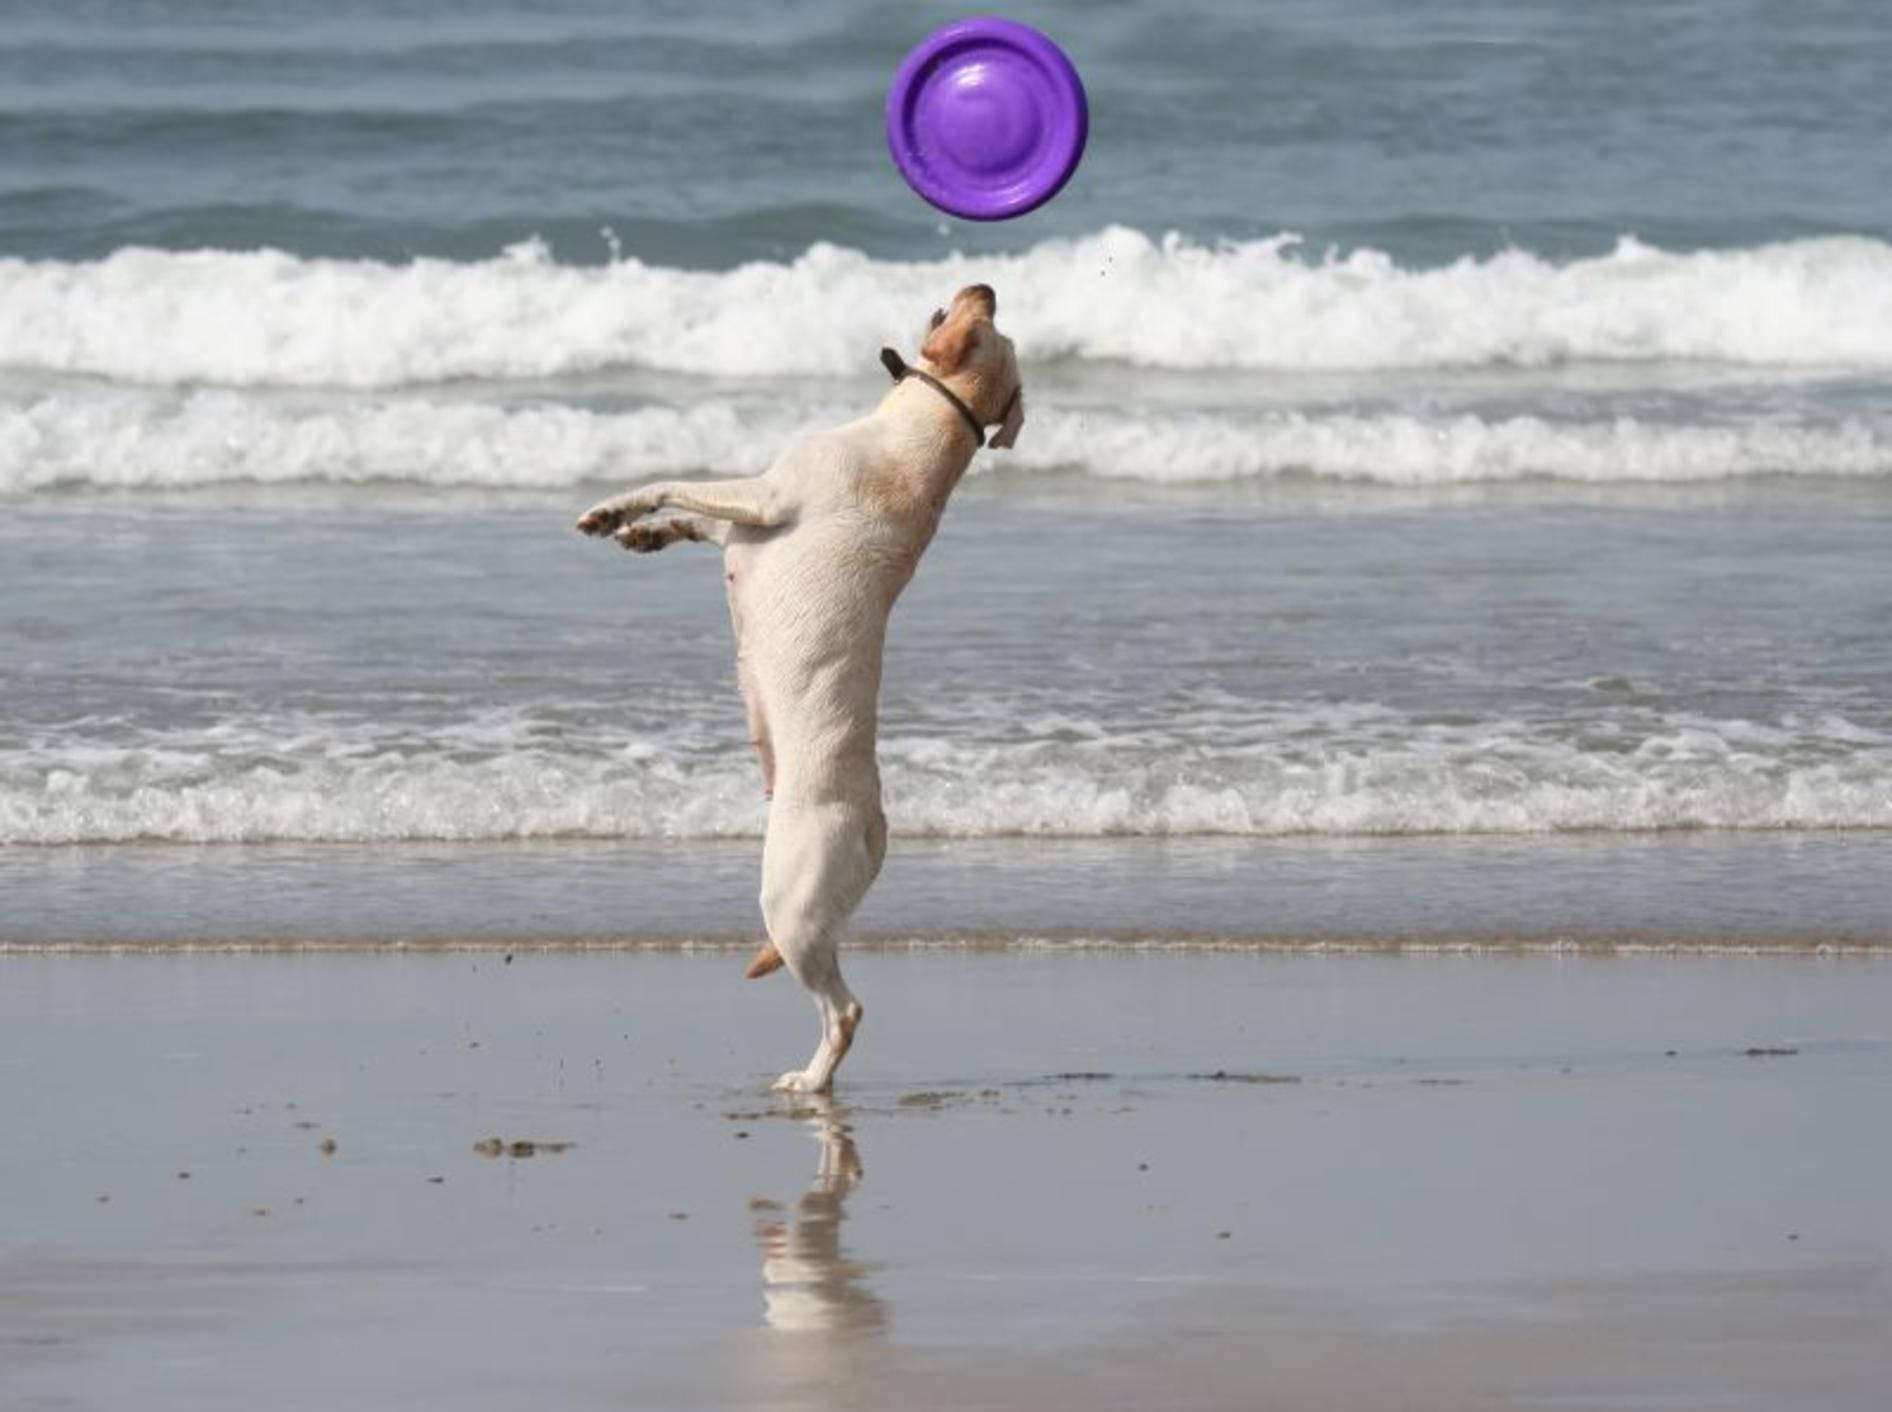 Toben am Strand: Das macht Hunden Spaß! – Bild: Shutterstock / Fernando Jose V. Soares